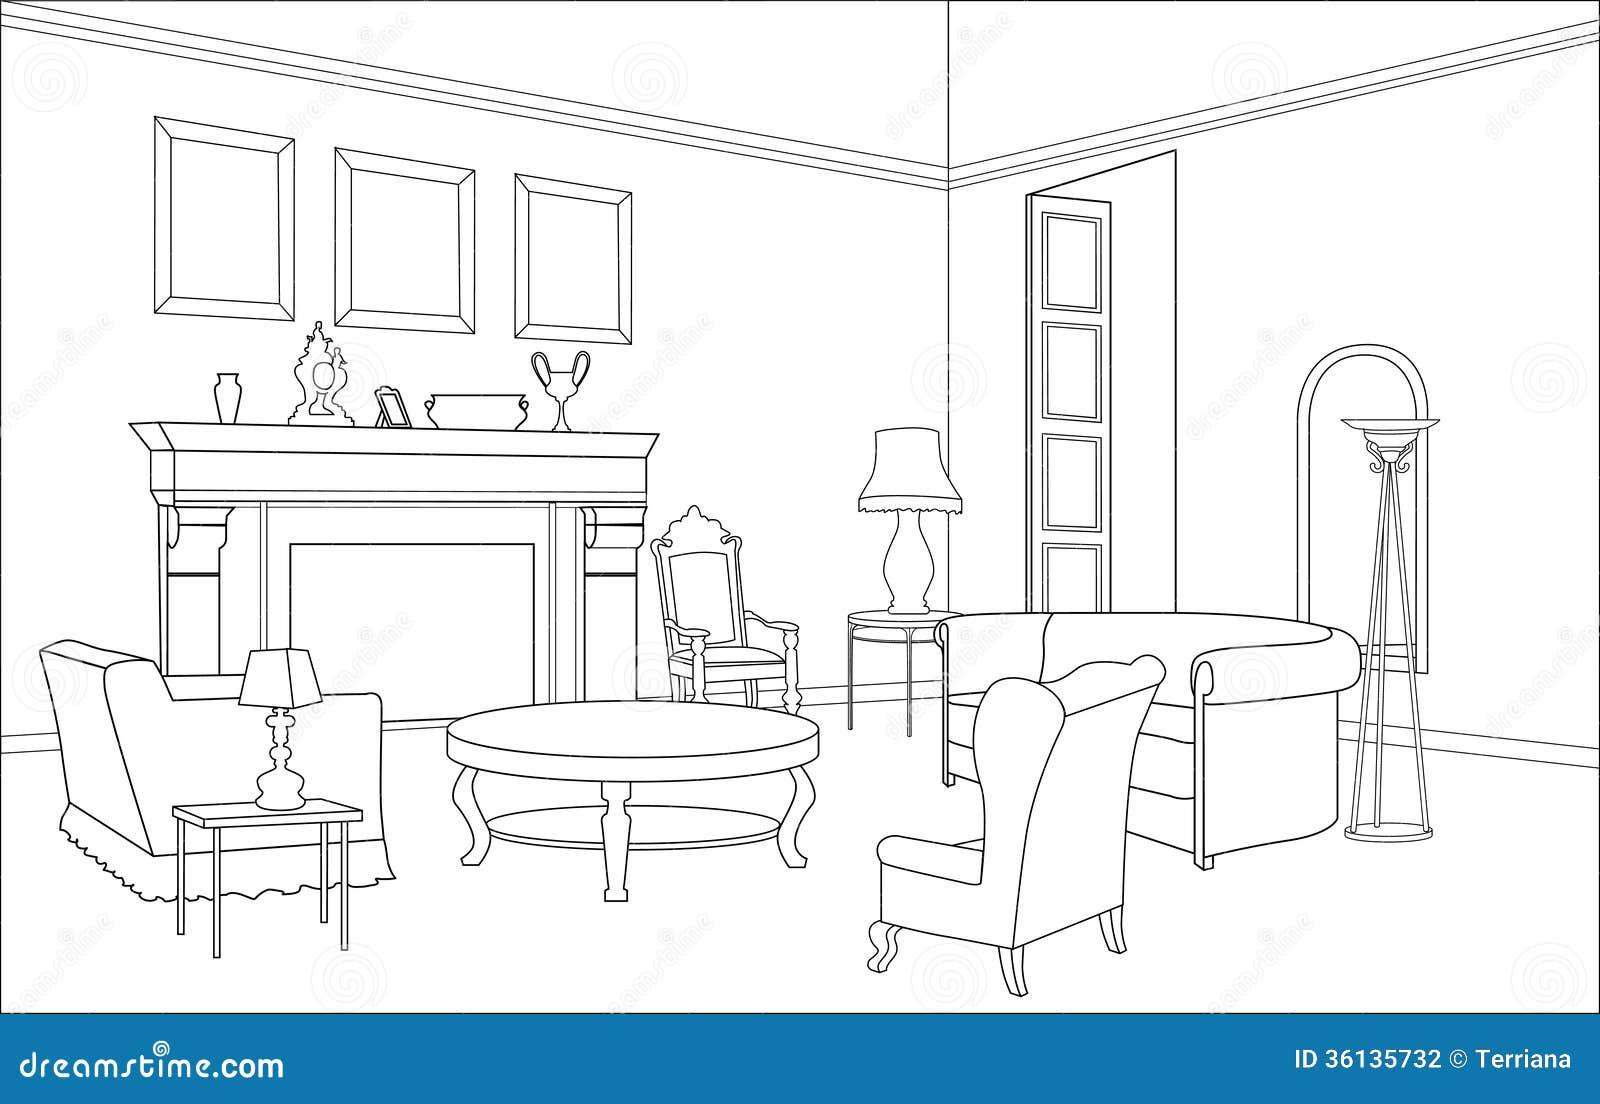 Sala Con La Chimenea Muebles Editable Interior En Estilo